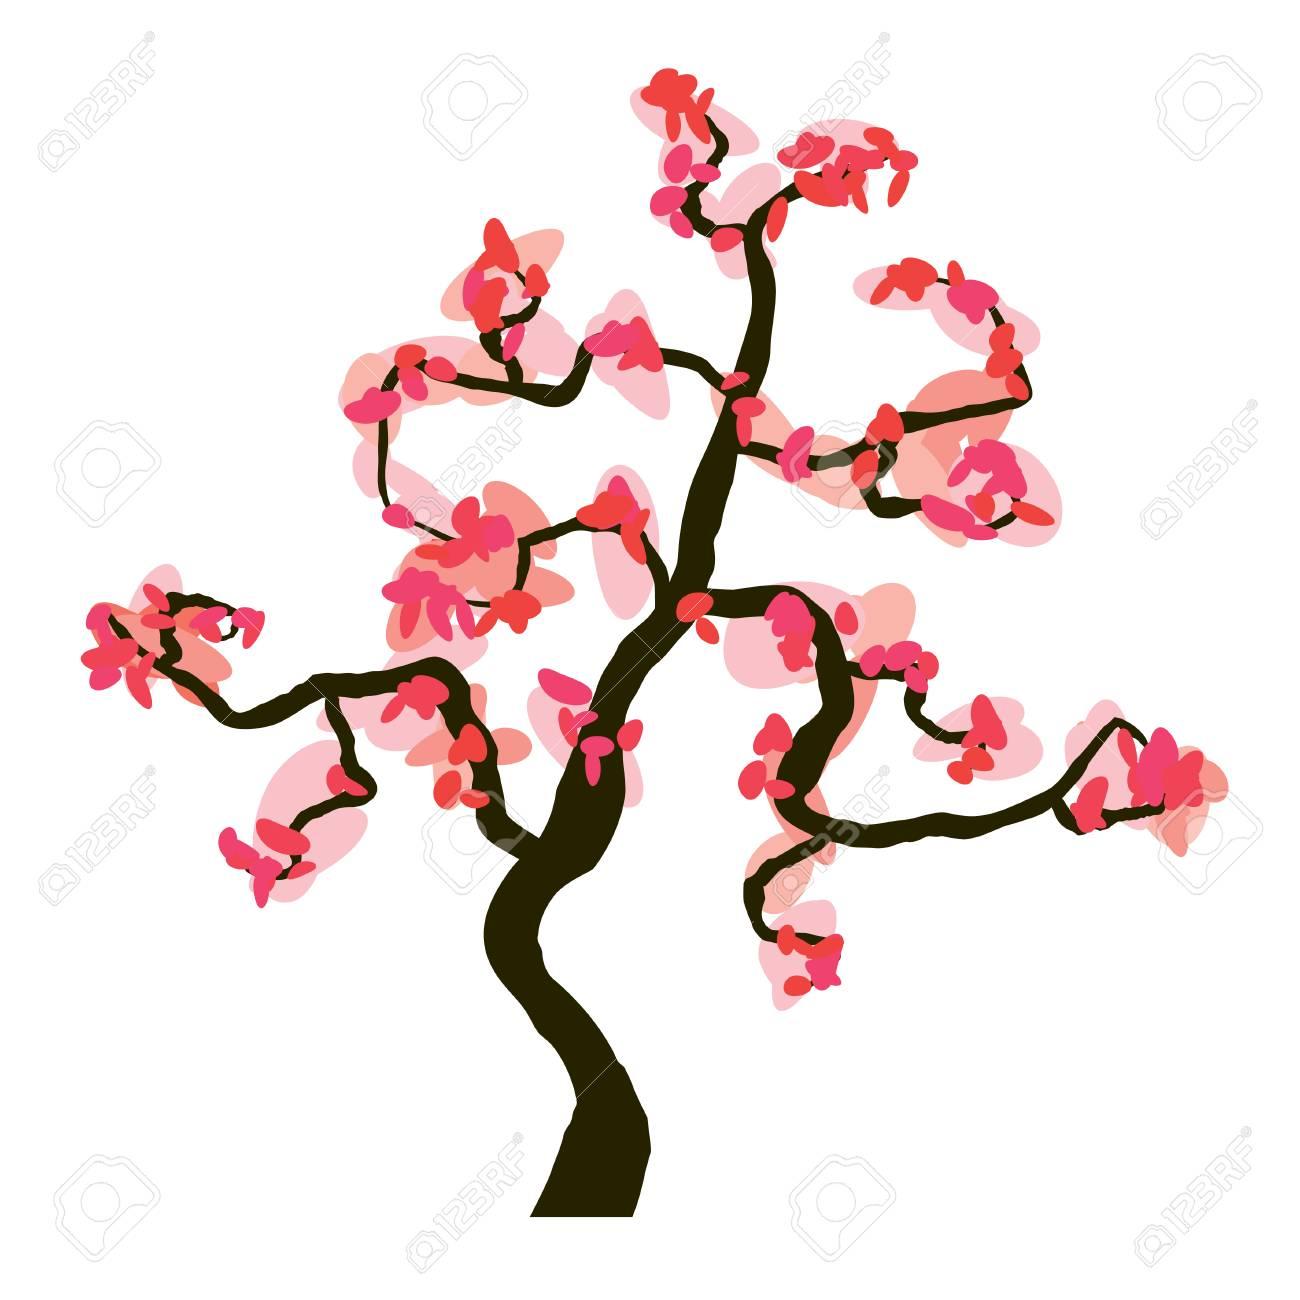 Sakura blossom isolated on white background, vector illustration - 64464838